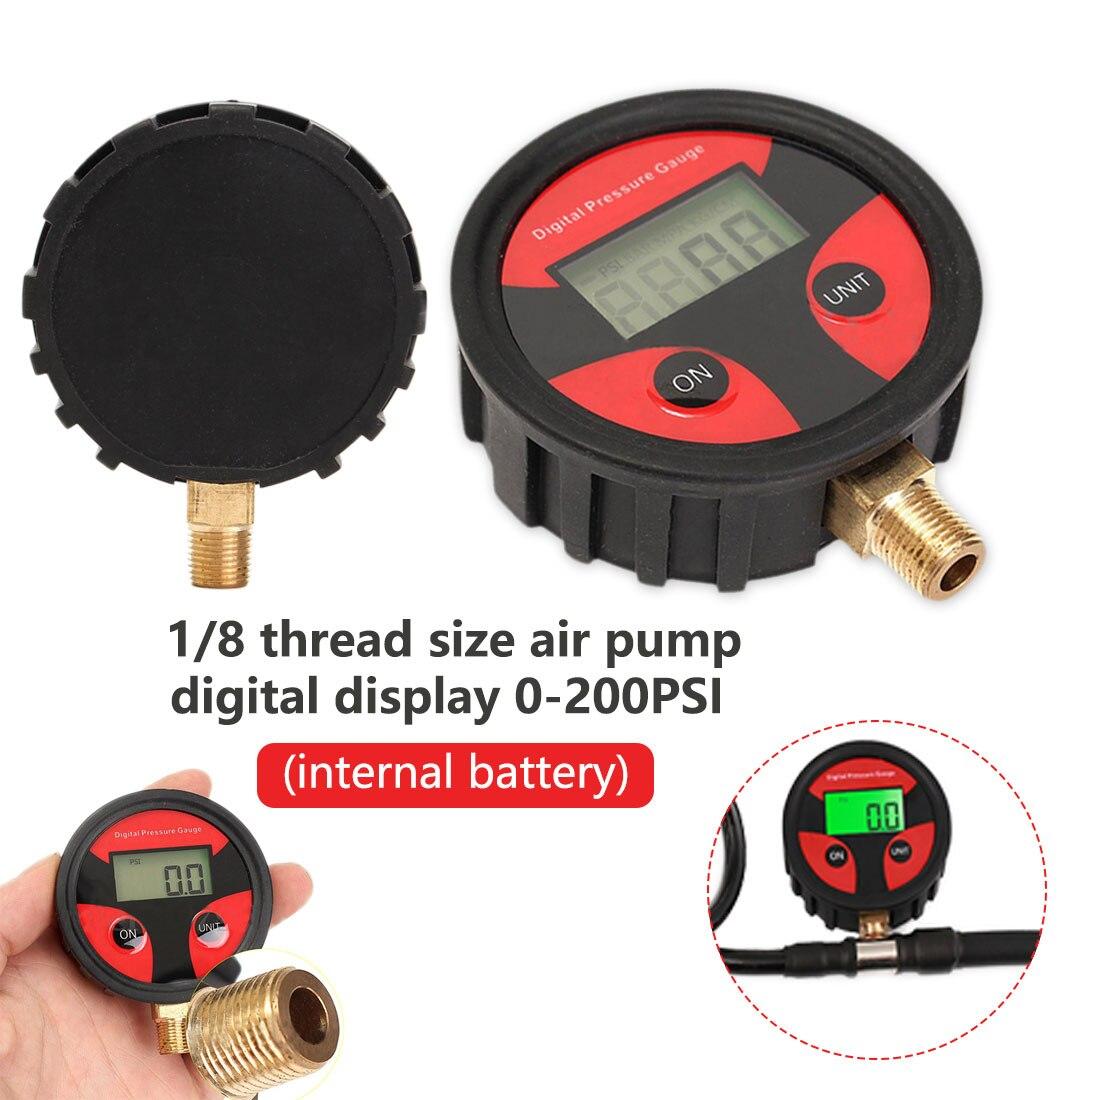 Цифровой датчик давления воздуха для автомобильных шин 0-200 psi ЖК-дисплей манометр барометр тестер для автомобиля Грузовой автомобиль, мотоц...